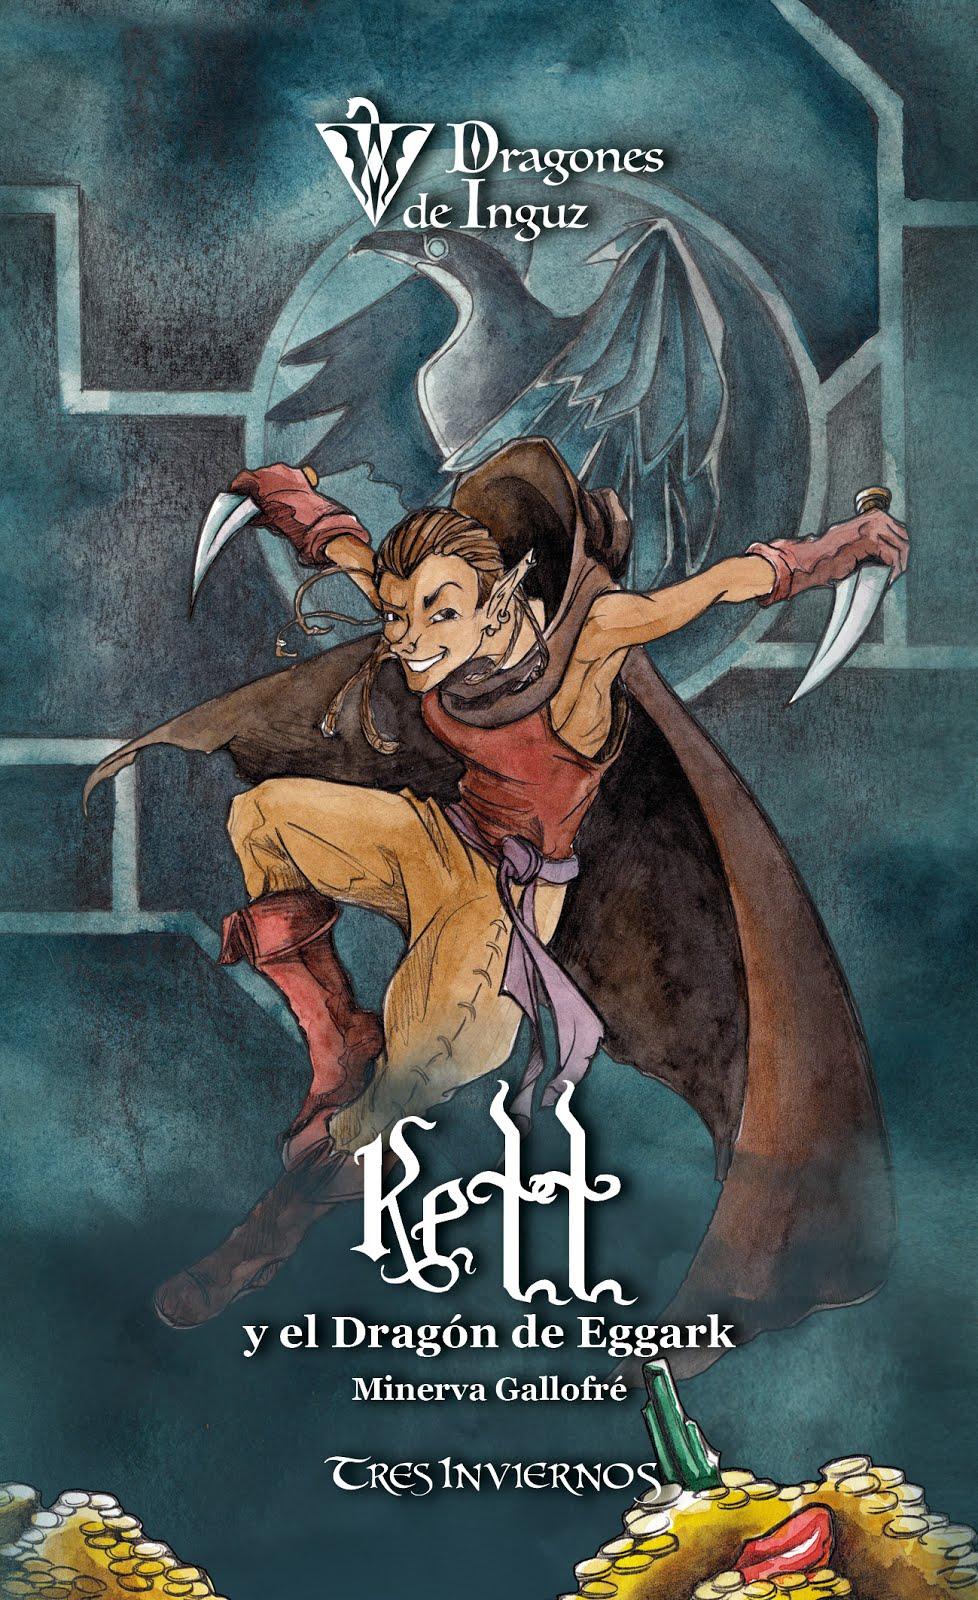 Kett y el Dragón de Eggark